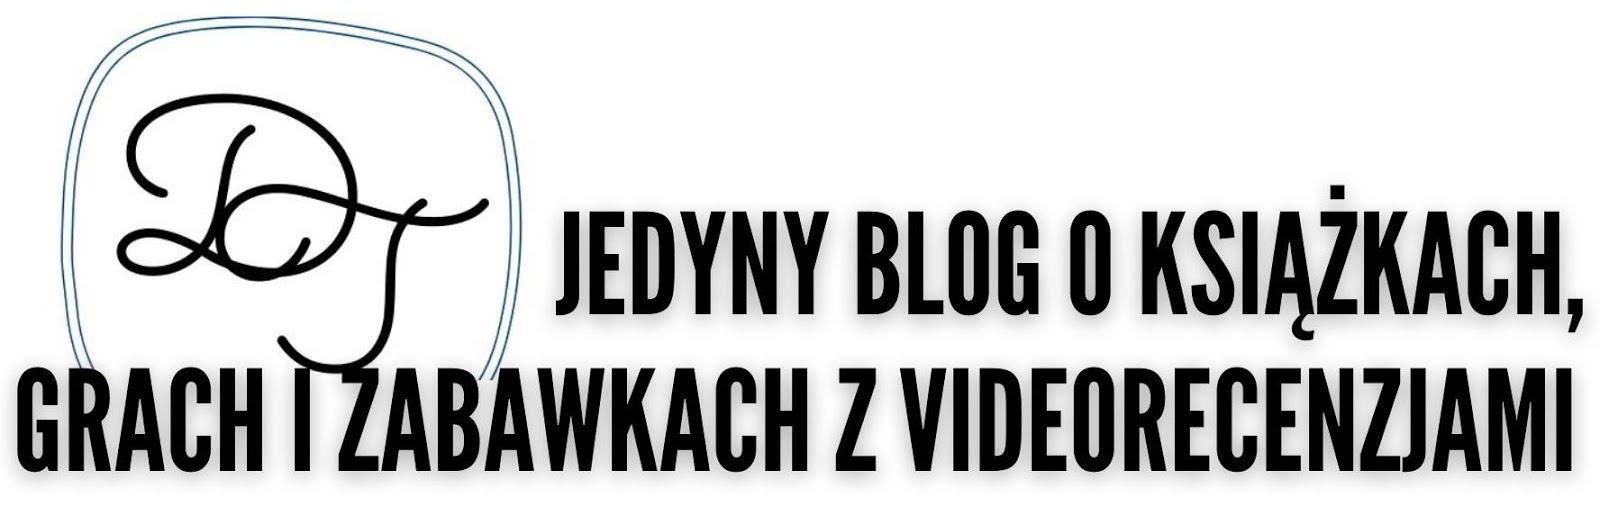 Dzieciaki-Testuja.pl - Jedyny blog z videorecenzjami zabawek, gier i książek